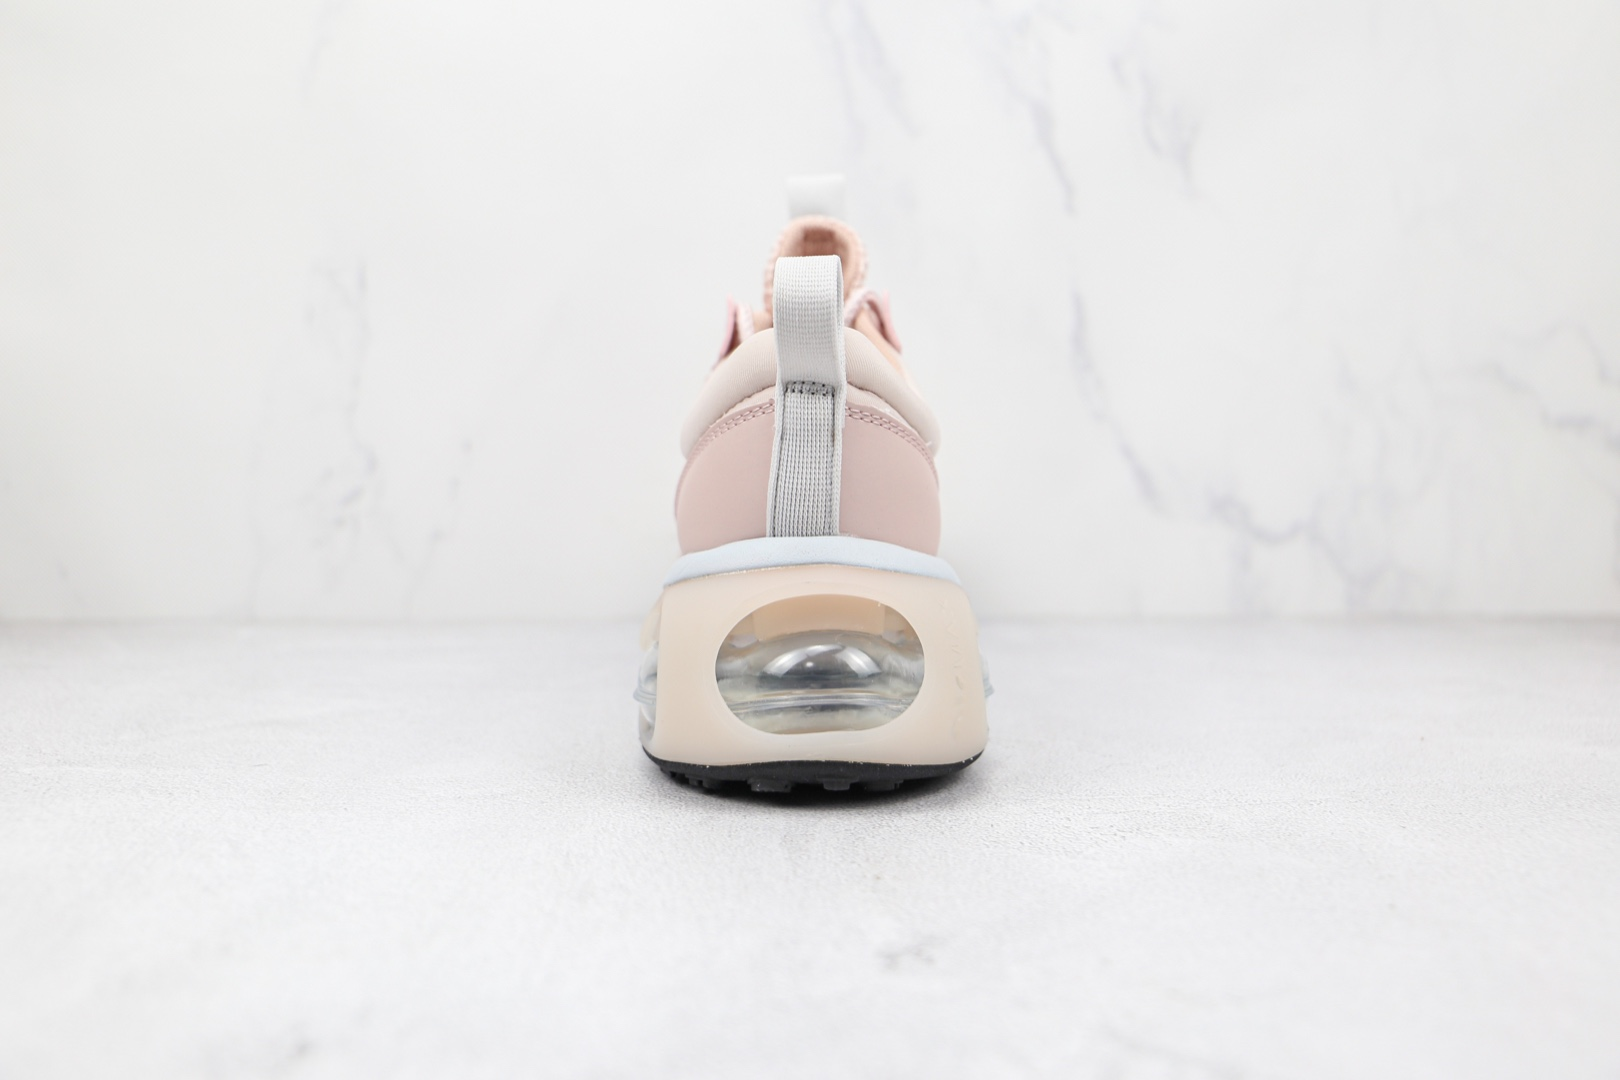 耐克Nike Air Max 2021纯原版本粉色Max2021半掌气垫鞋原鞋开模一比一打造 货号:DA1923-600